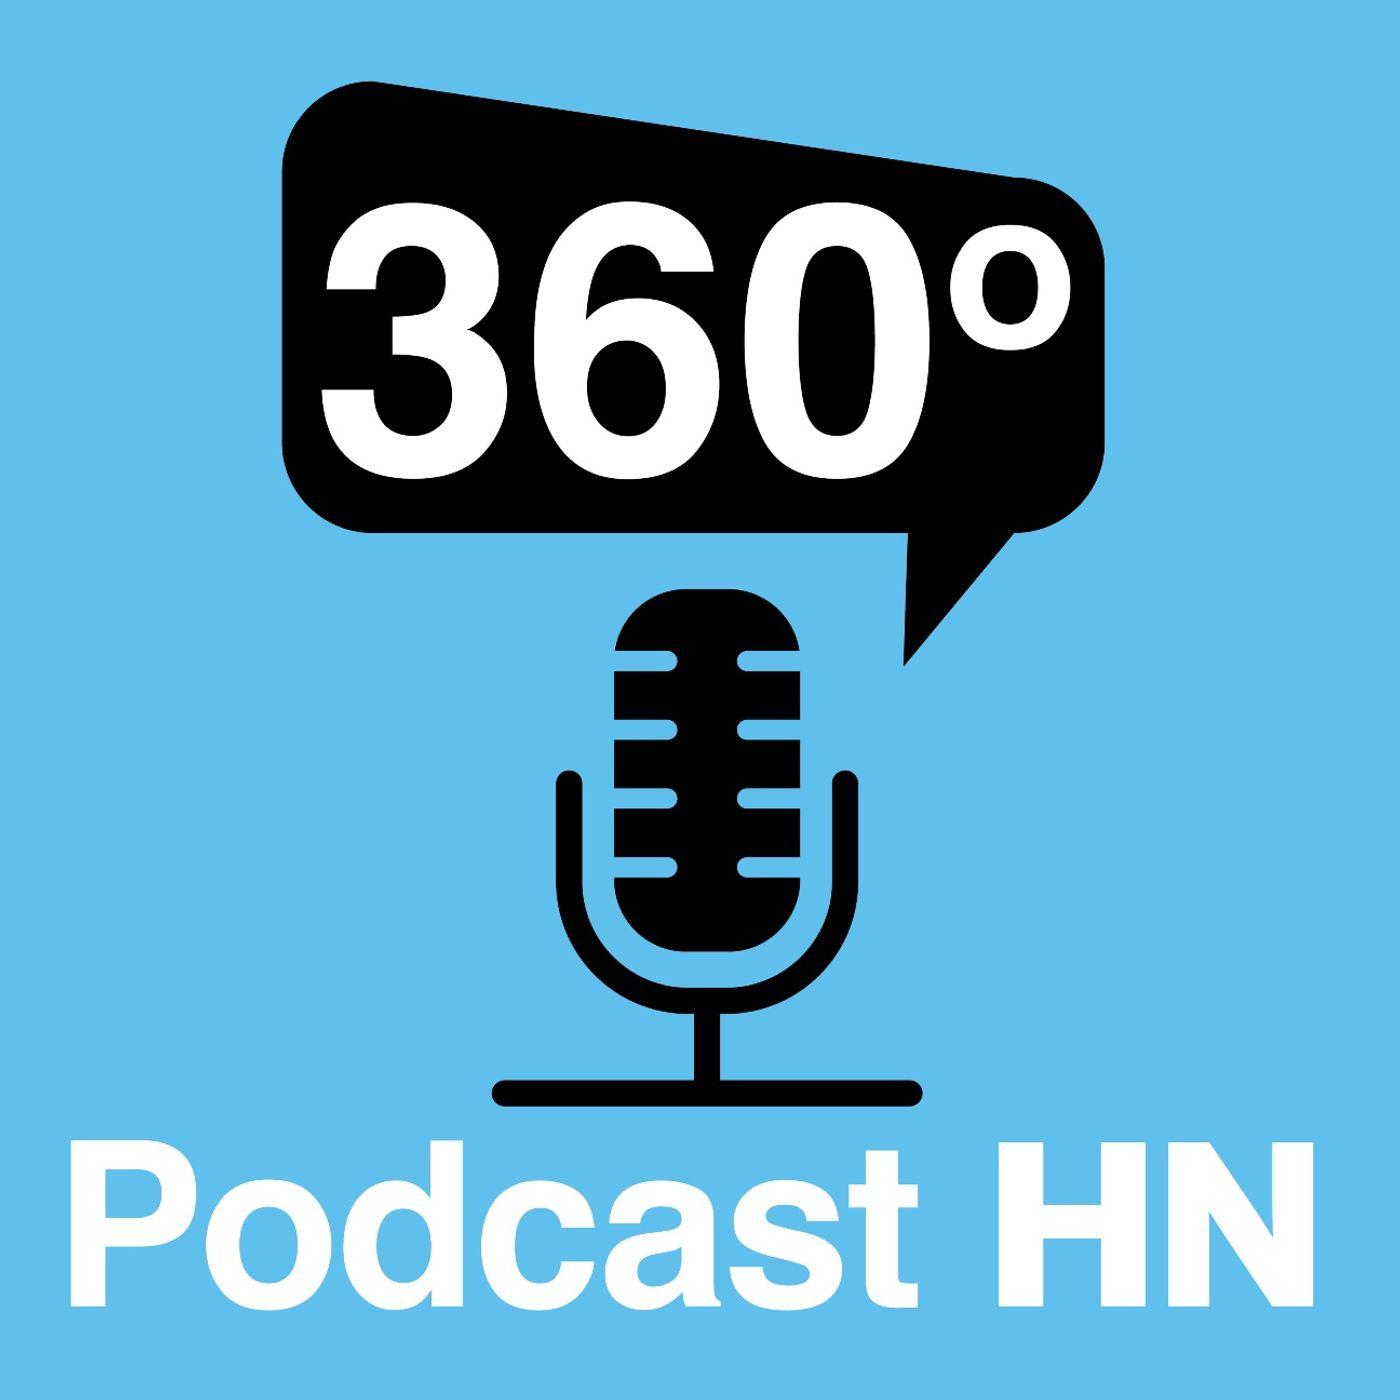 Podcast HN 360°